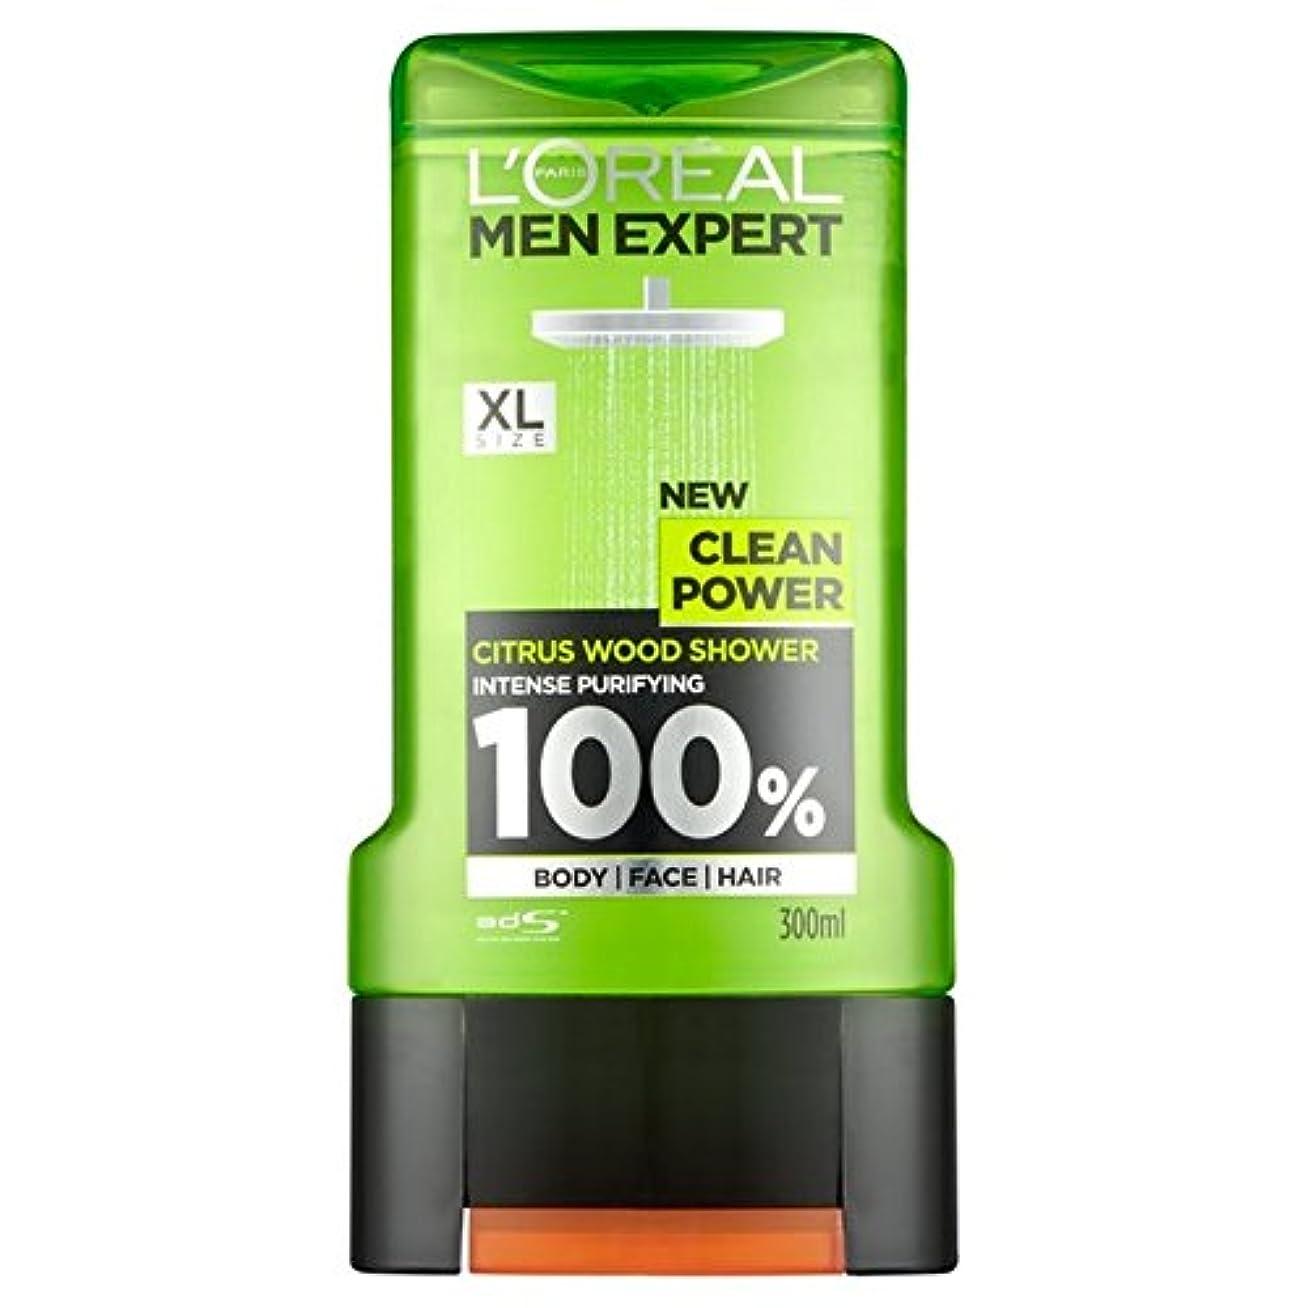 贅沢な四半期ブラインドL'Oreal Paris Men Expert Clean Power Shower Gel 300ml (Pack of 6) - ロレアルパリの男性の専門家クリーンパワーシャワージェル300ミリリットル x6 [並行輸入品]